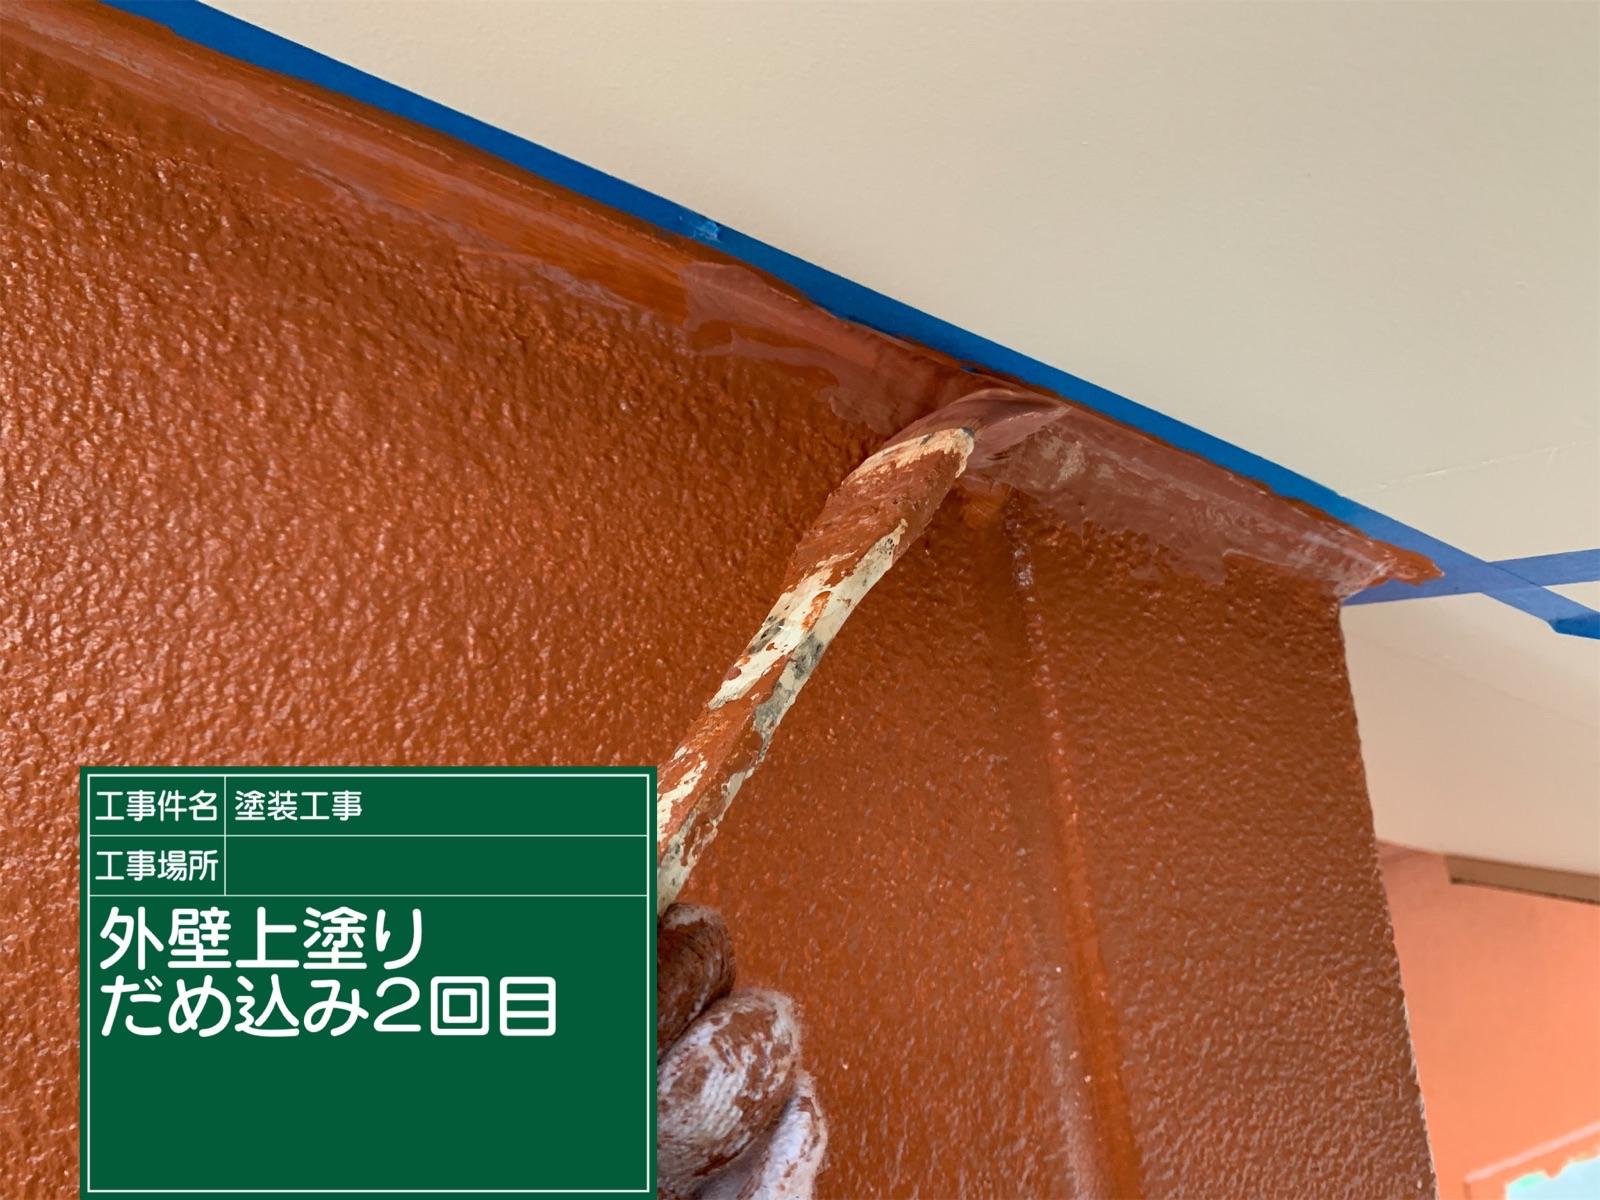 外壁上塗りだめ込み2回目中300016